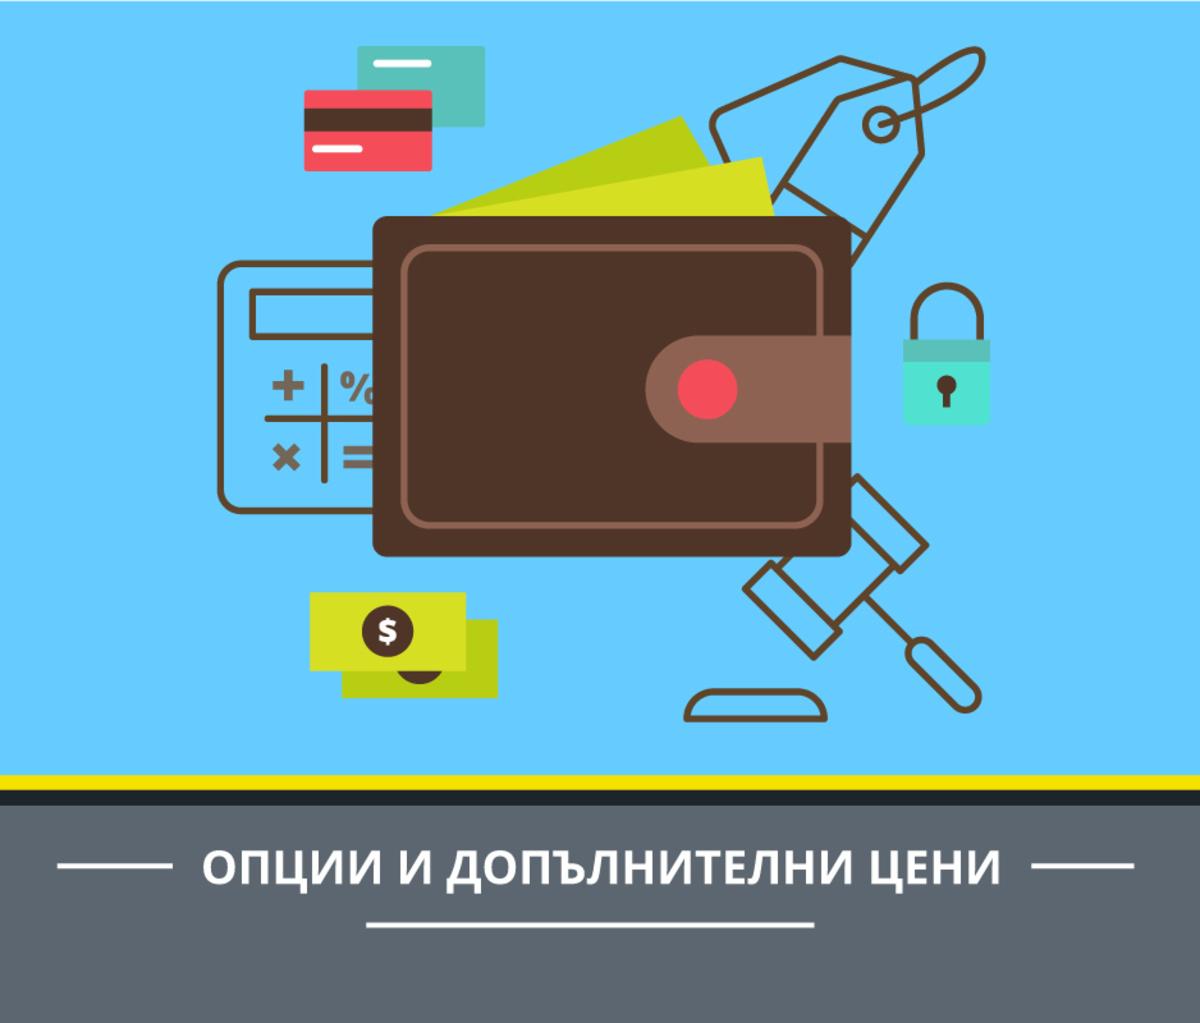 Създаване на опции и допълнителни цени към продукт